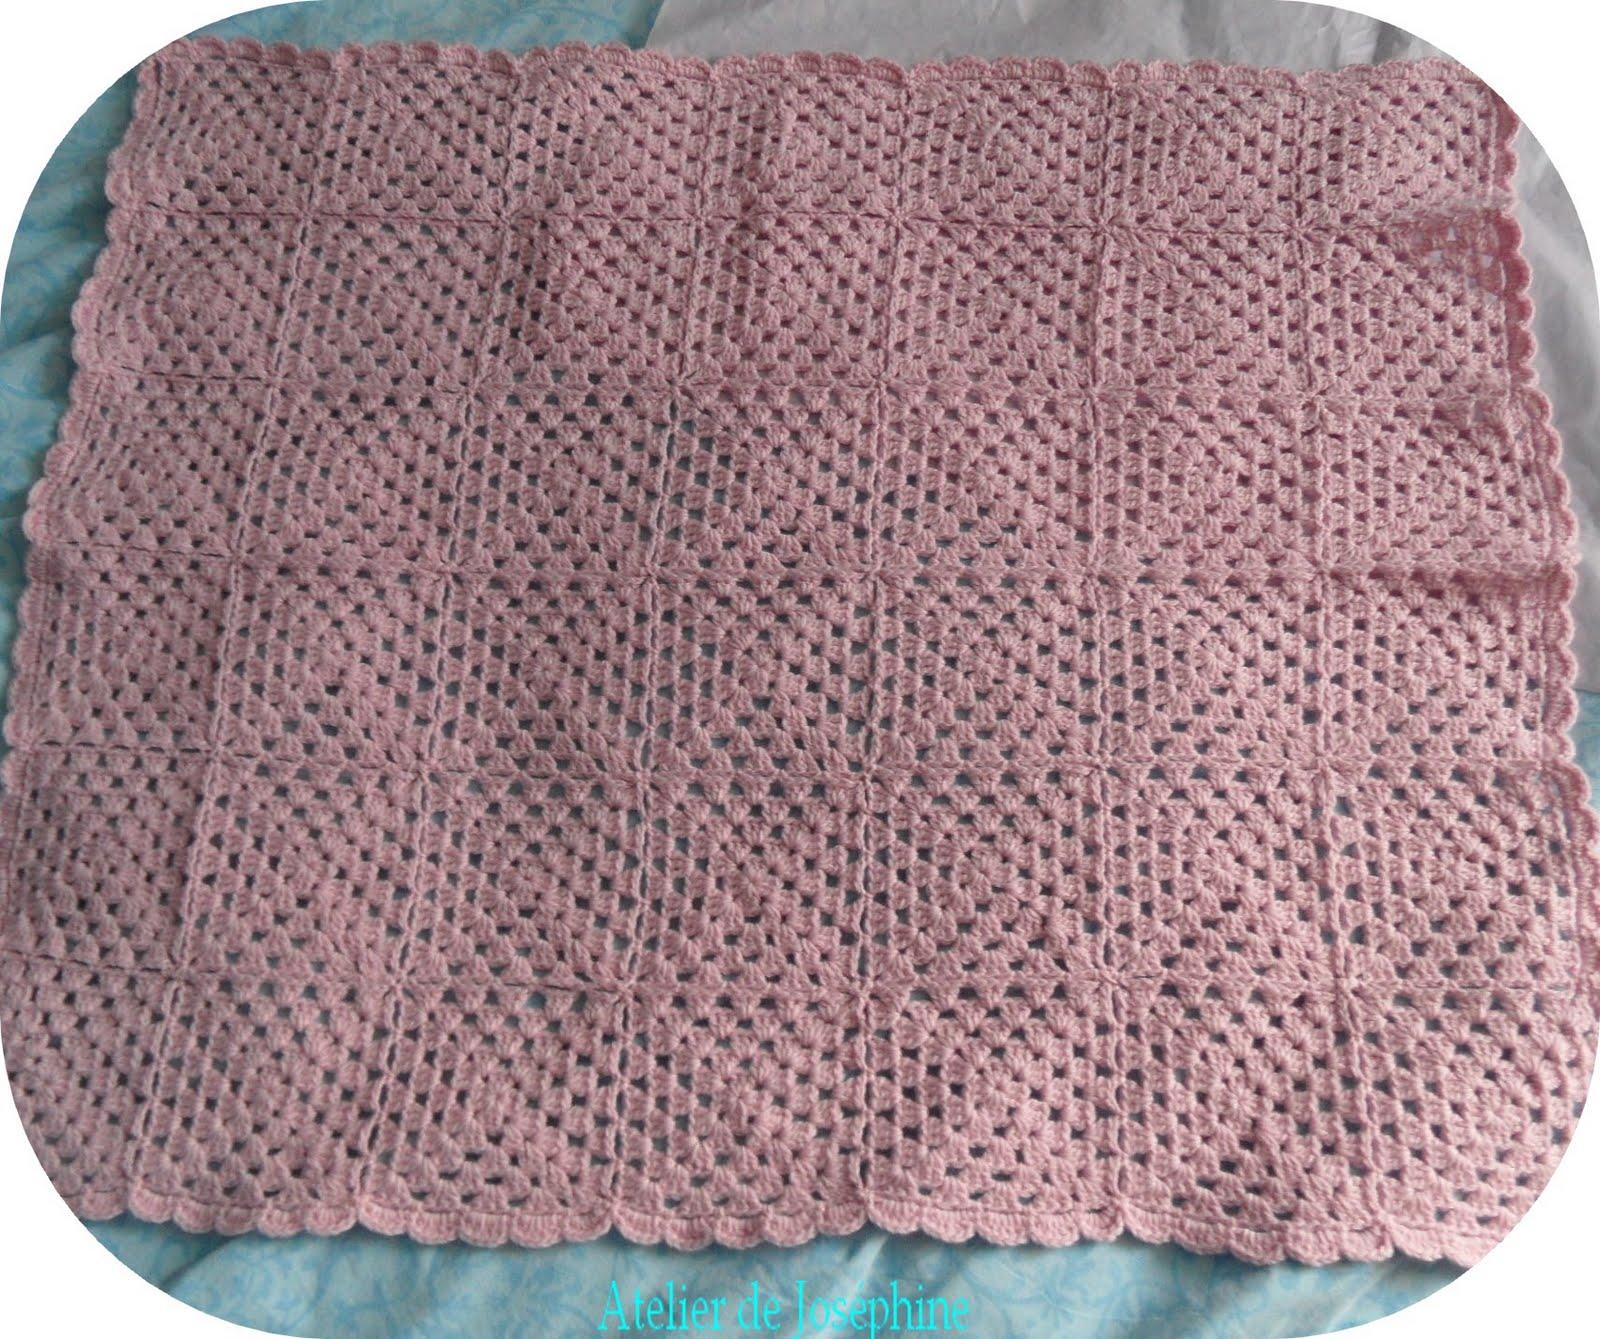 Toutes nos crochets une couverture b b en granny et cachemire - Carre crochet pour couverture bebe ...